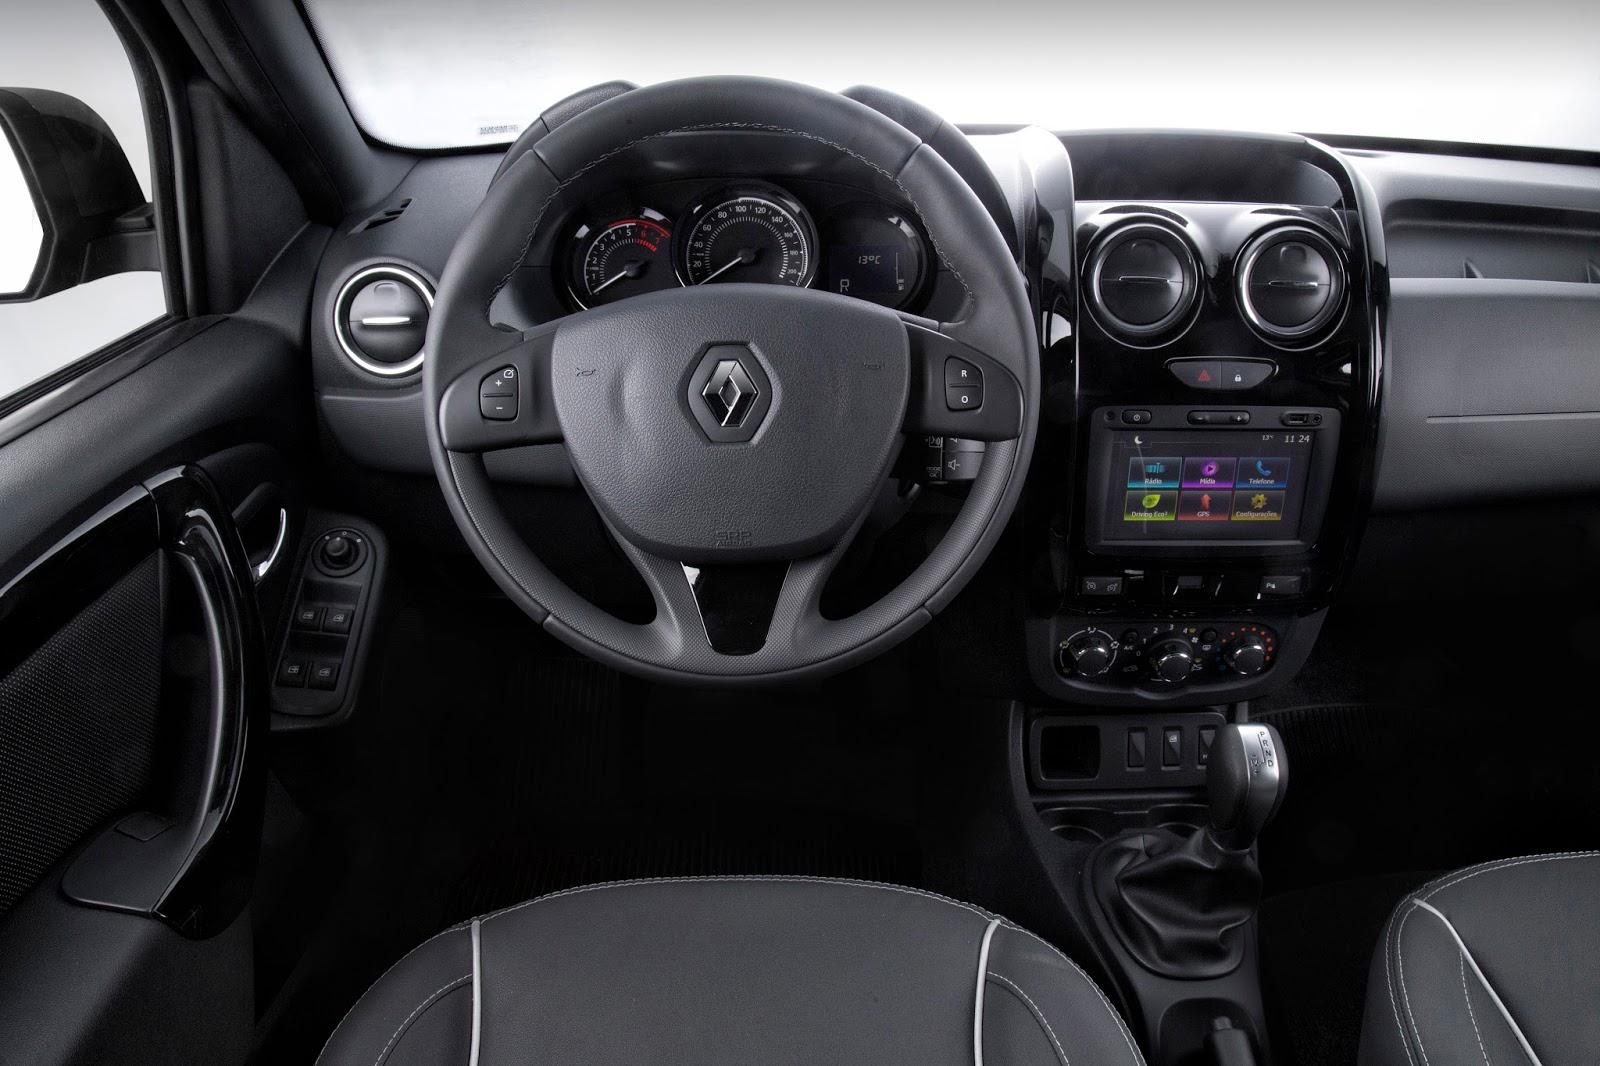 Linha renault duster 2017 est mais econ mica oroch ganha c mbio autom tico - Dacia duster 2017 interior ...